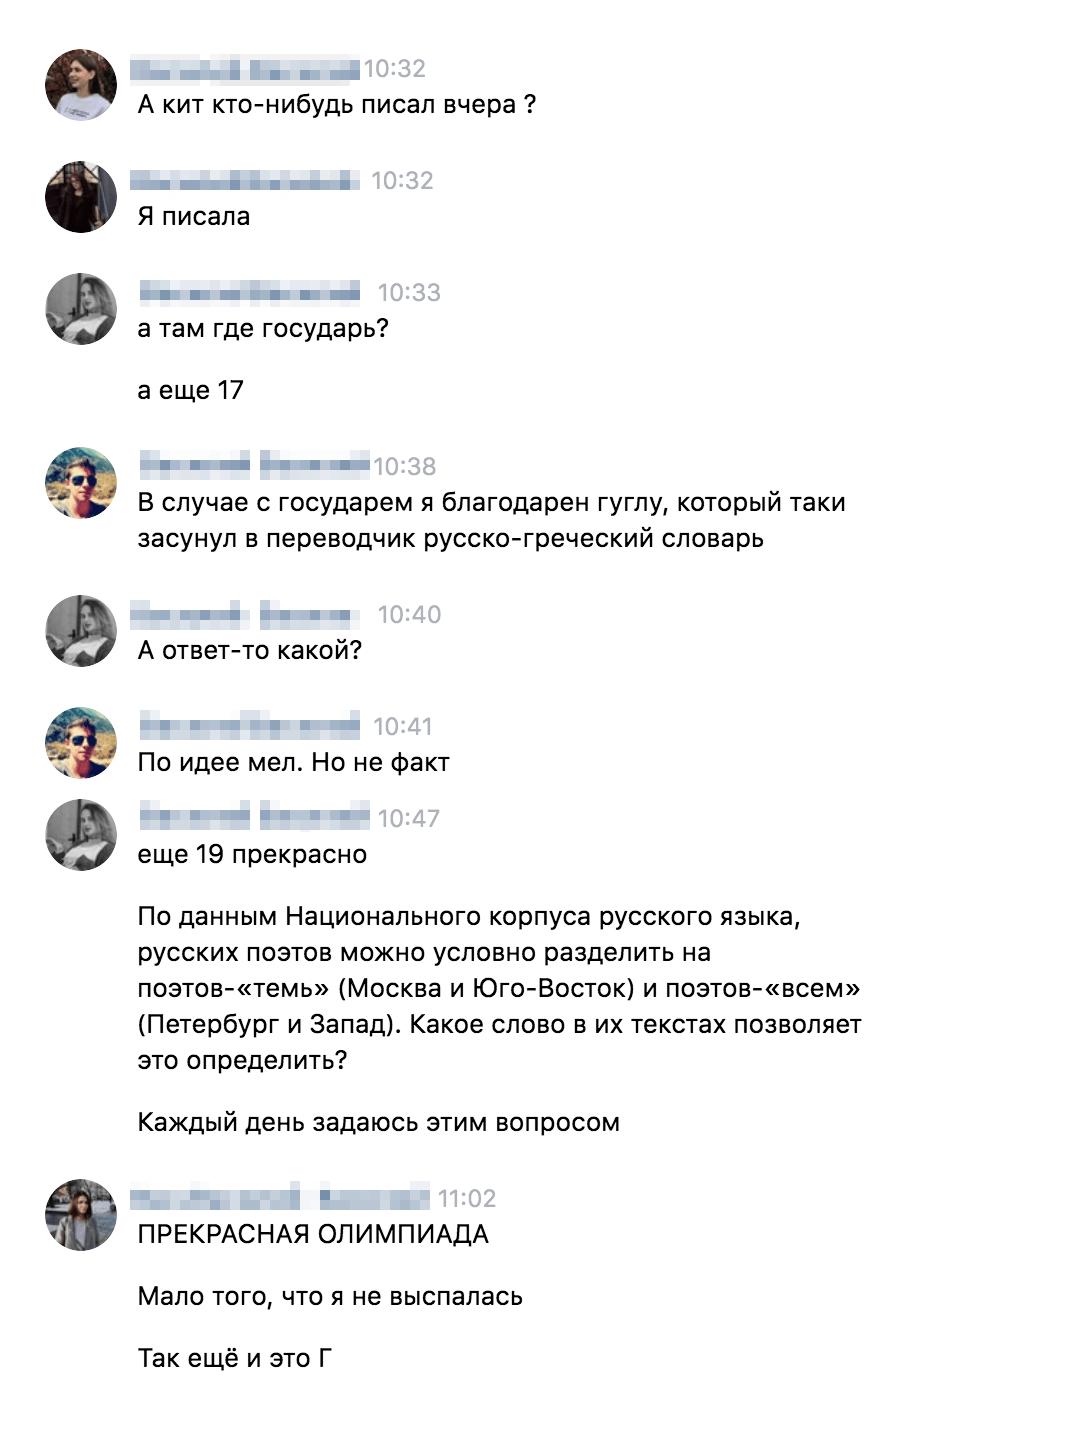 Обсуждение заочного этапа «Высшей пробы» по русскому языку в чате класса. Задания дистанционного этапа часто решают коллективно